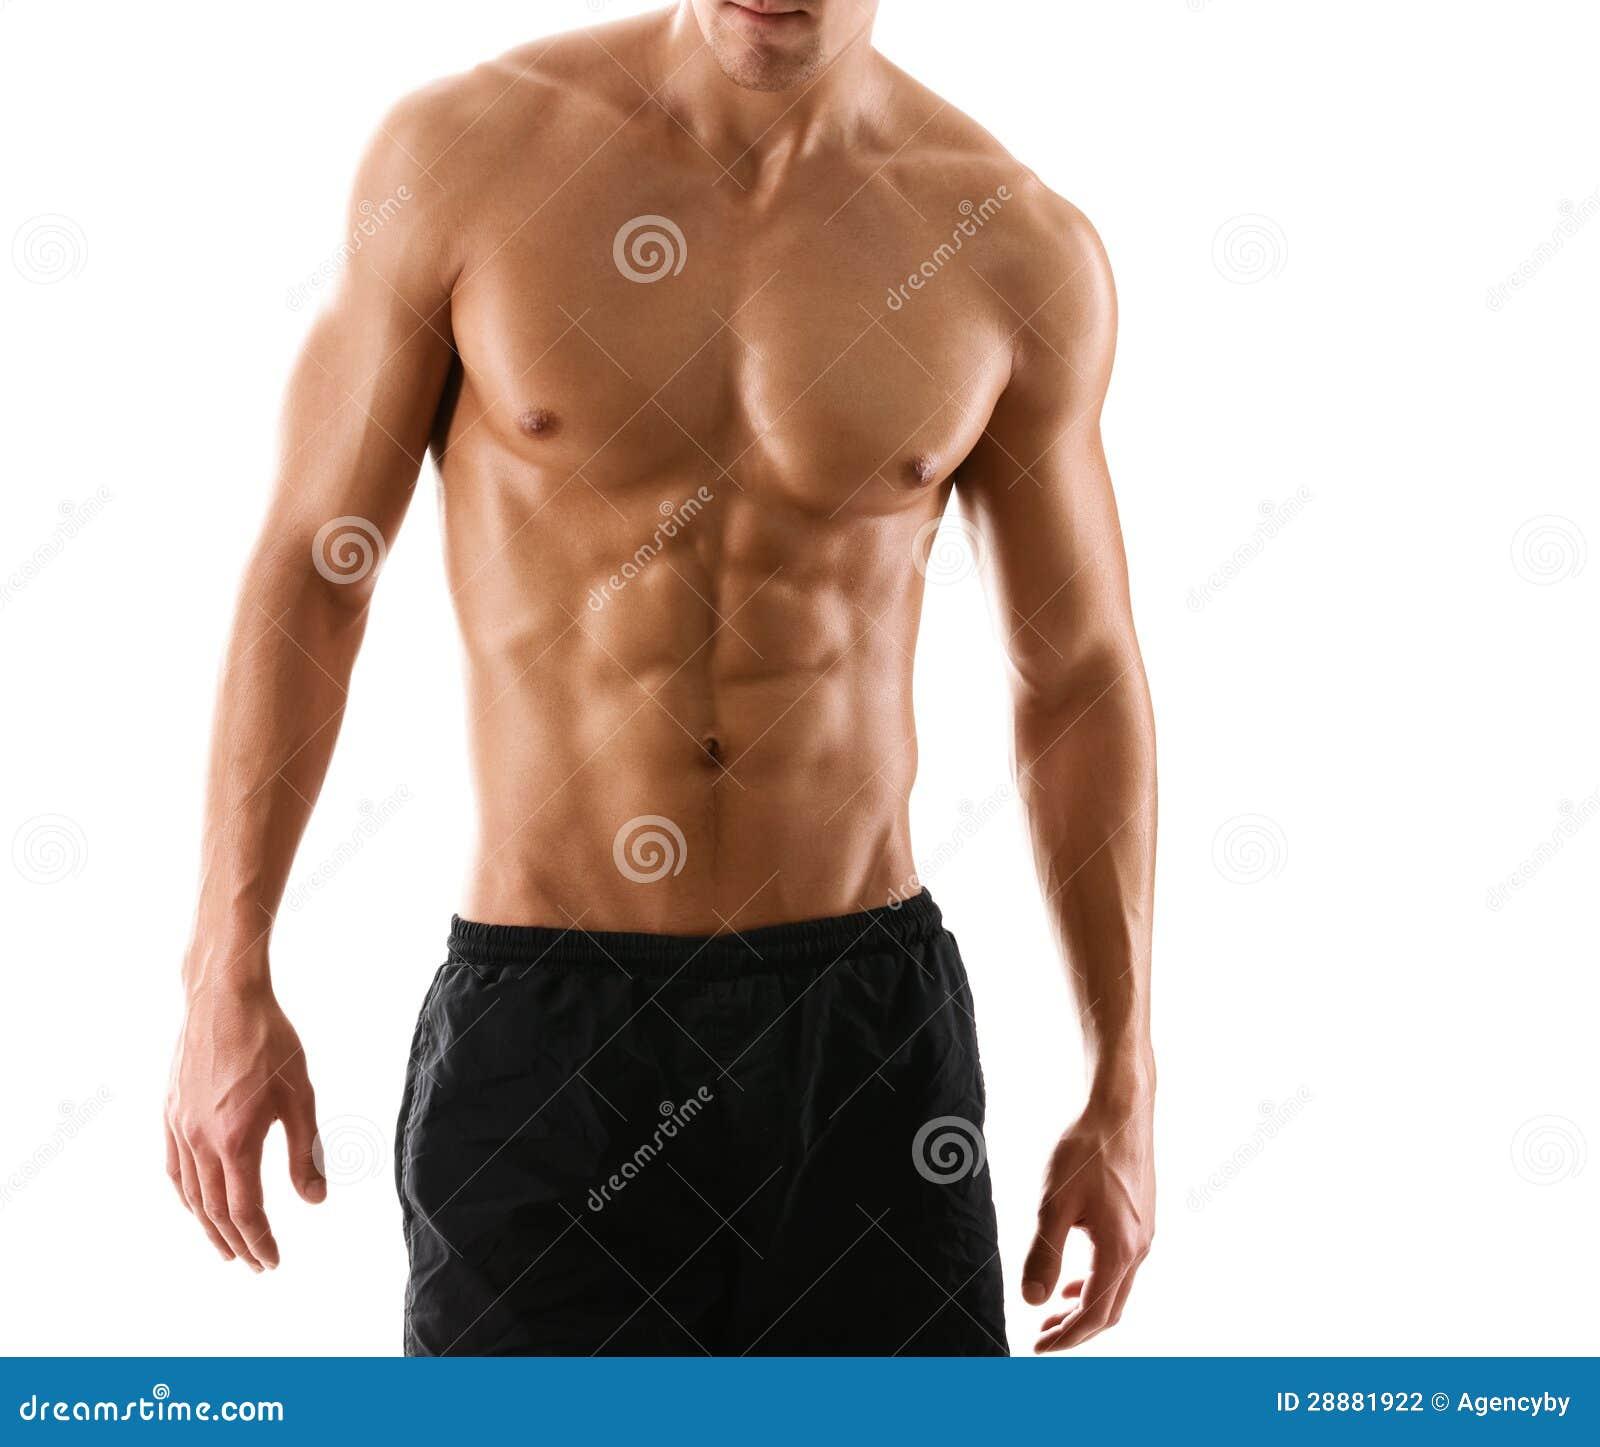 Halvt naket sexigt förkroppsligar av muskulös man